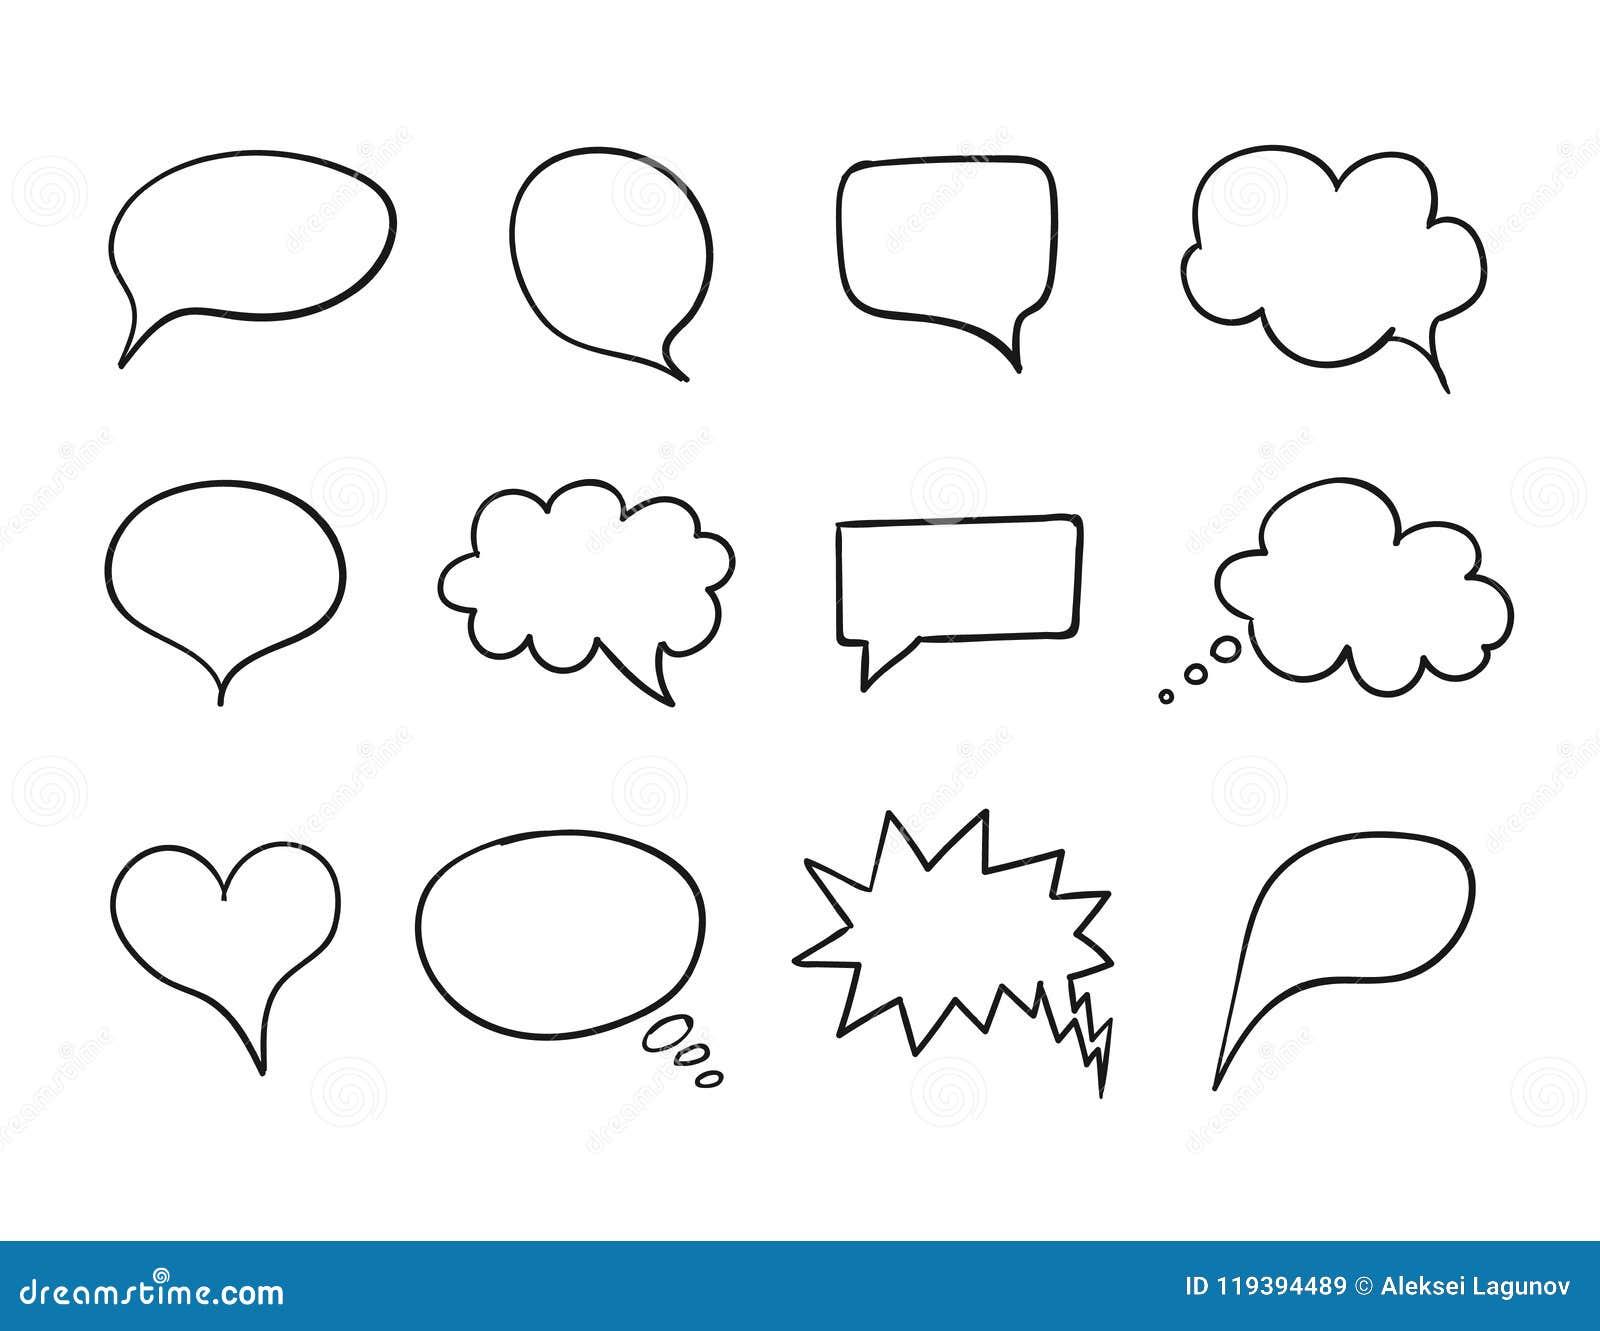 Vektor-Gesprächs-Blasen-Satz, Sprache-Kasten-Sammlung, Hand gezeichnete Gestaltungselemente, Entwurfszeichnung